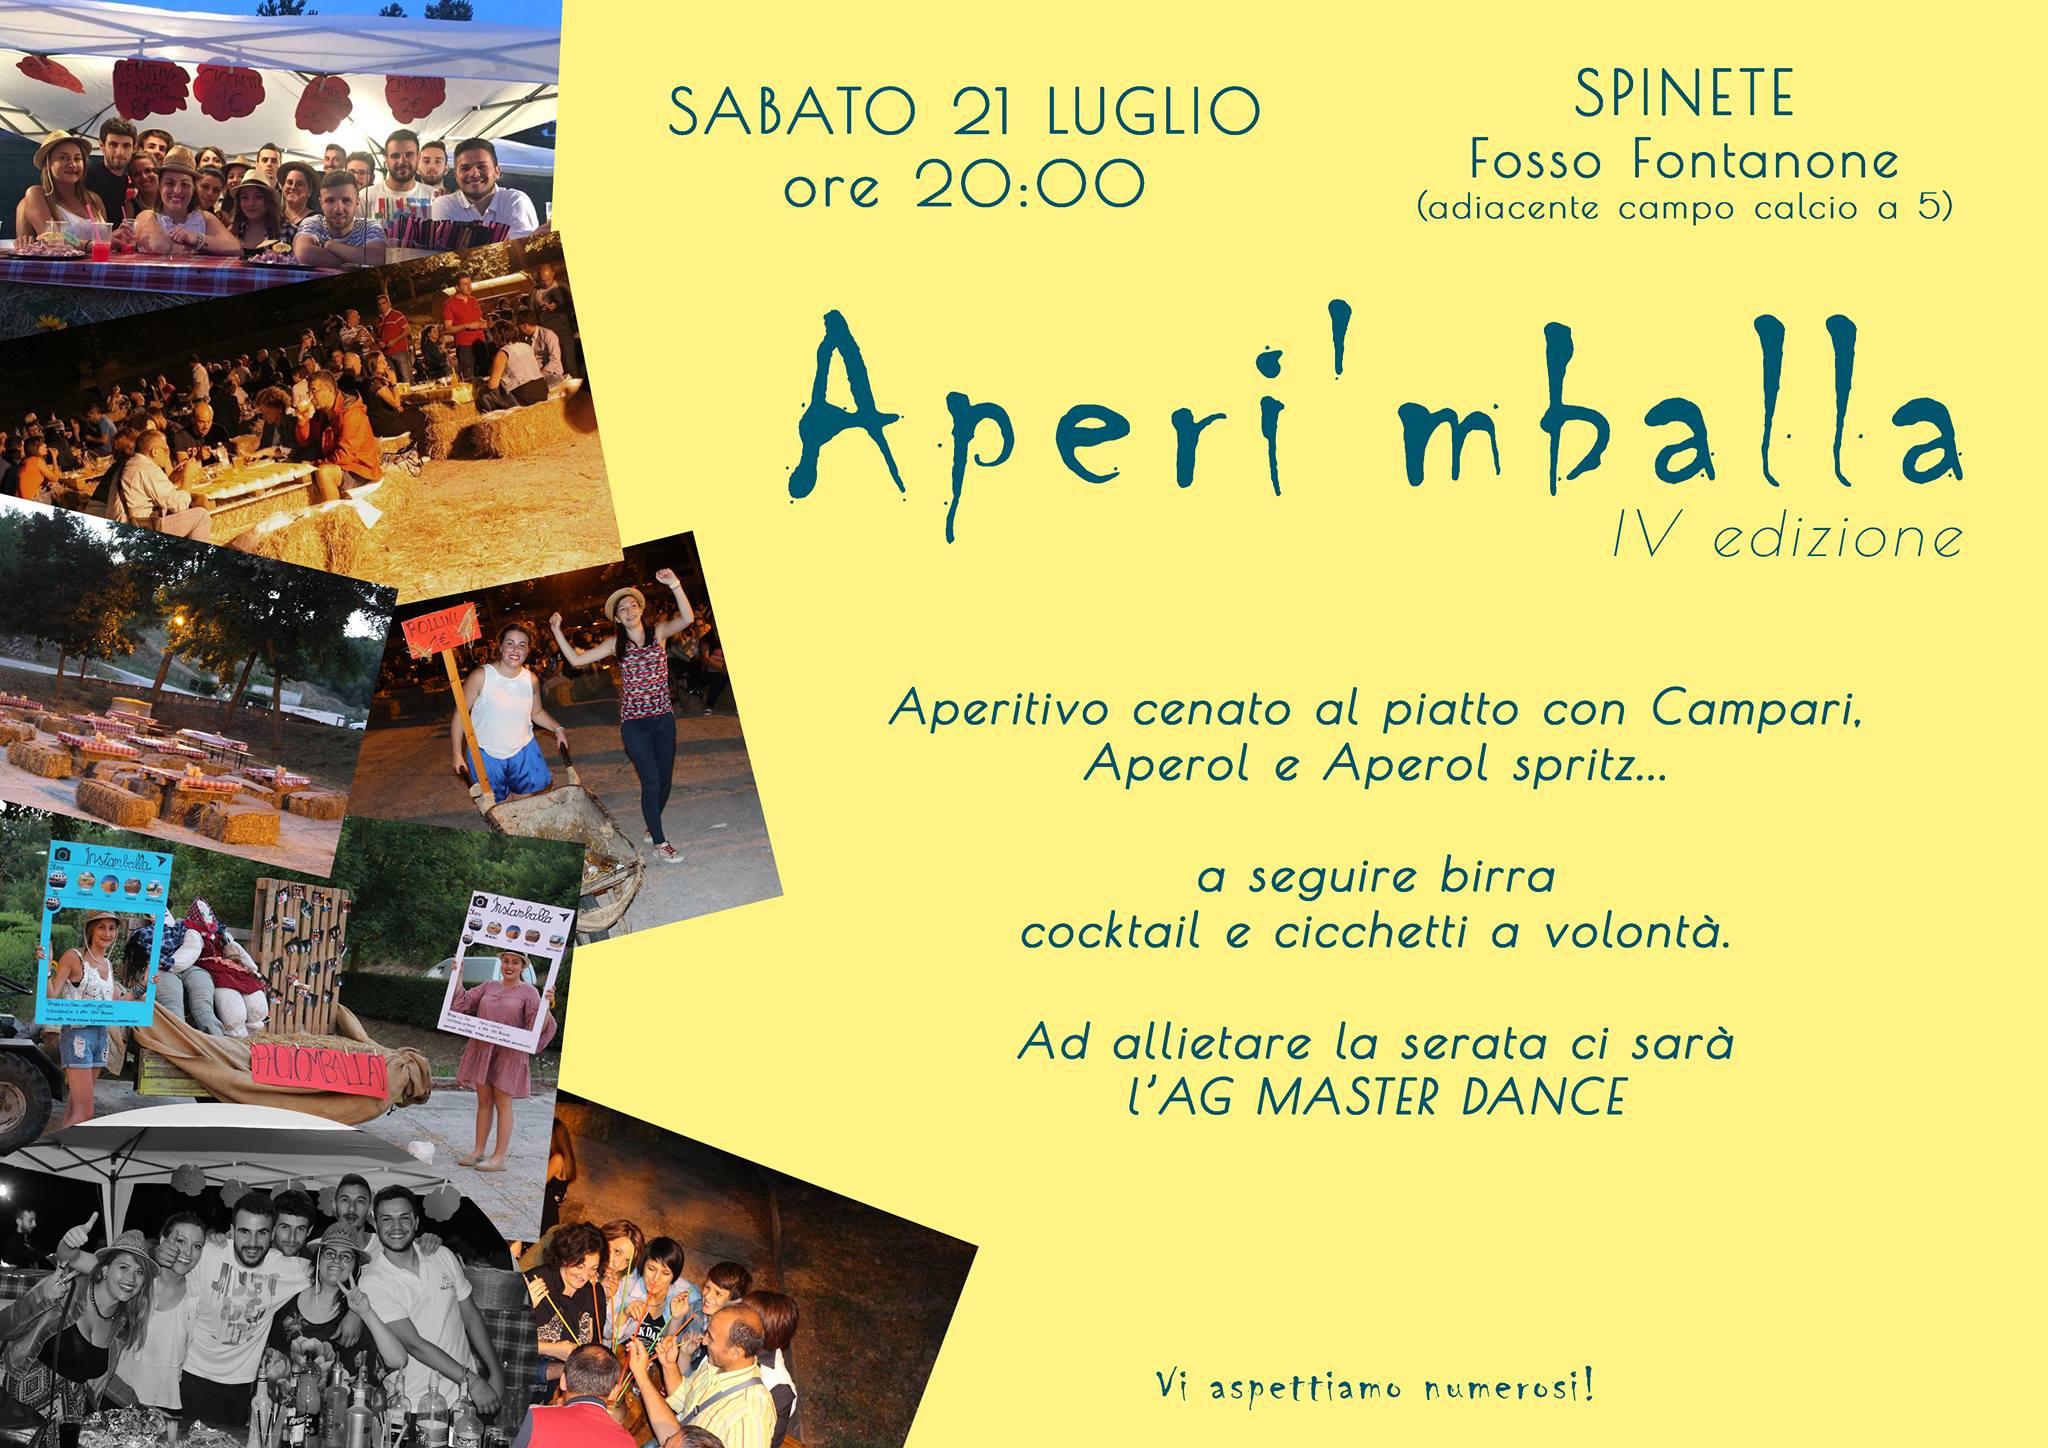 """EVENTI – A Spinete """"Aperi'mballa"""", l'aperitivo cenato al piatto"""